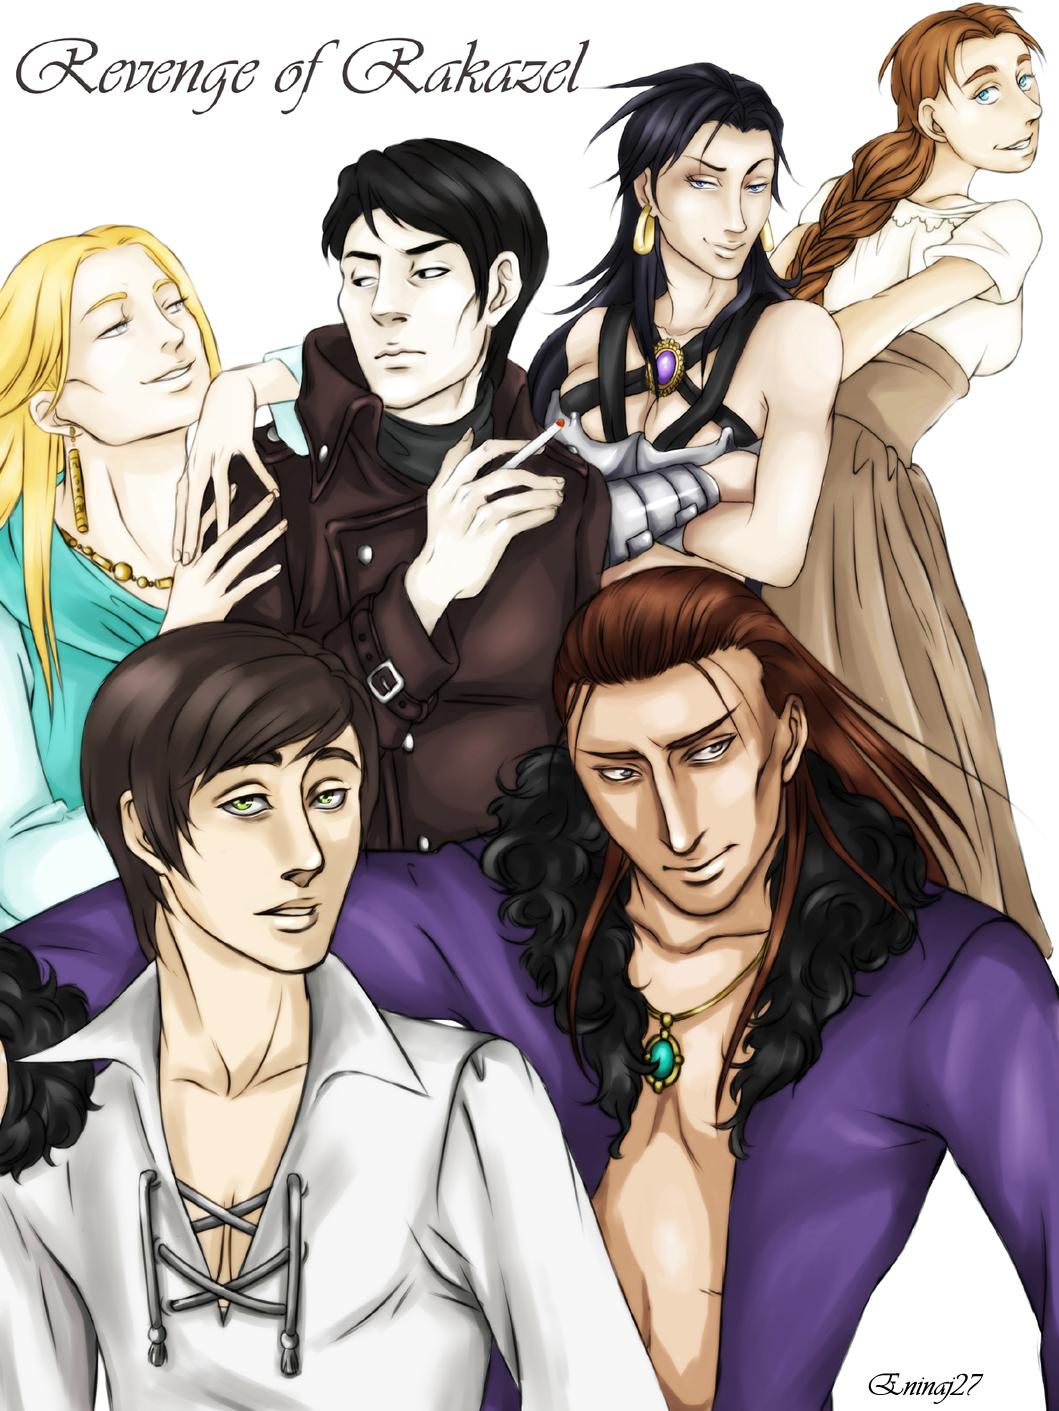 Revenge of Rakazel Crew by Eninaj27